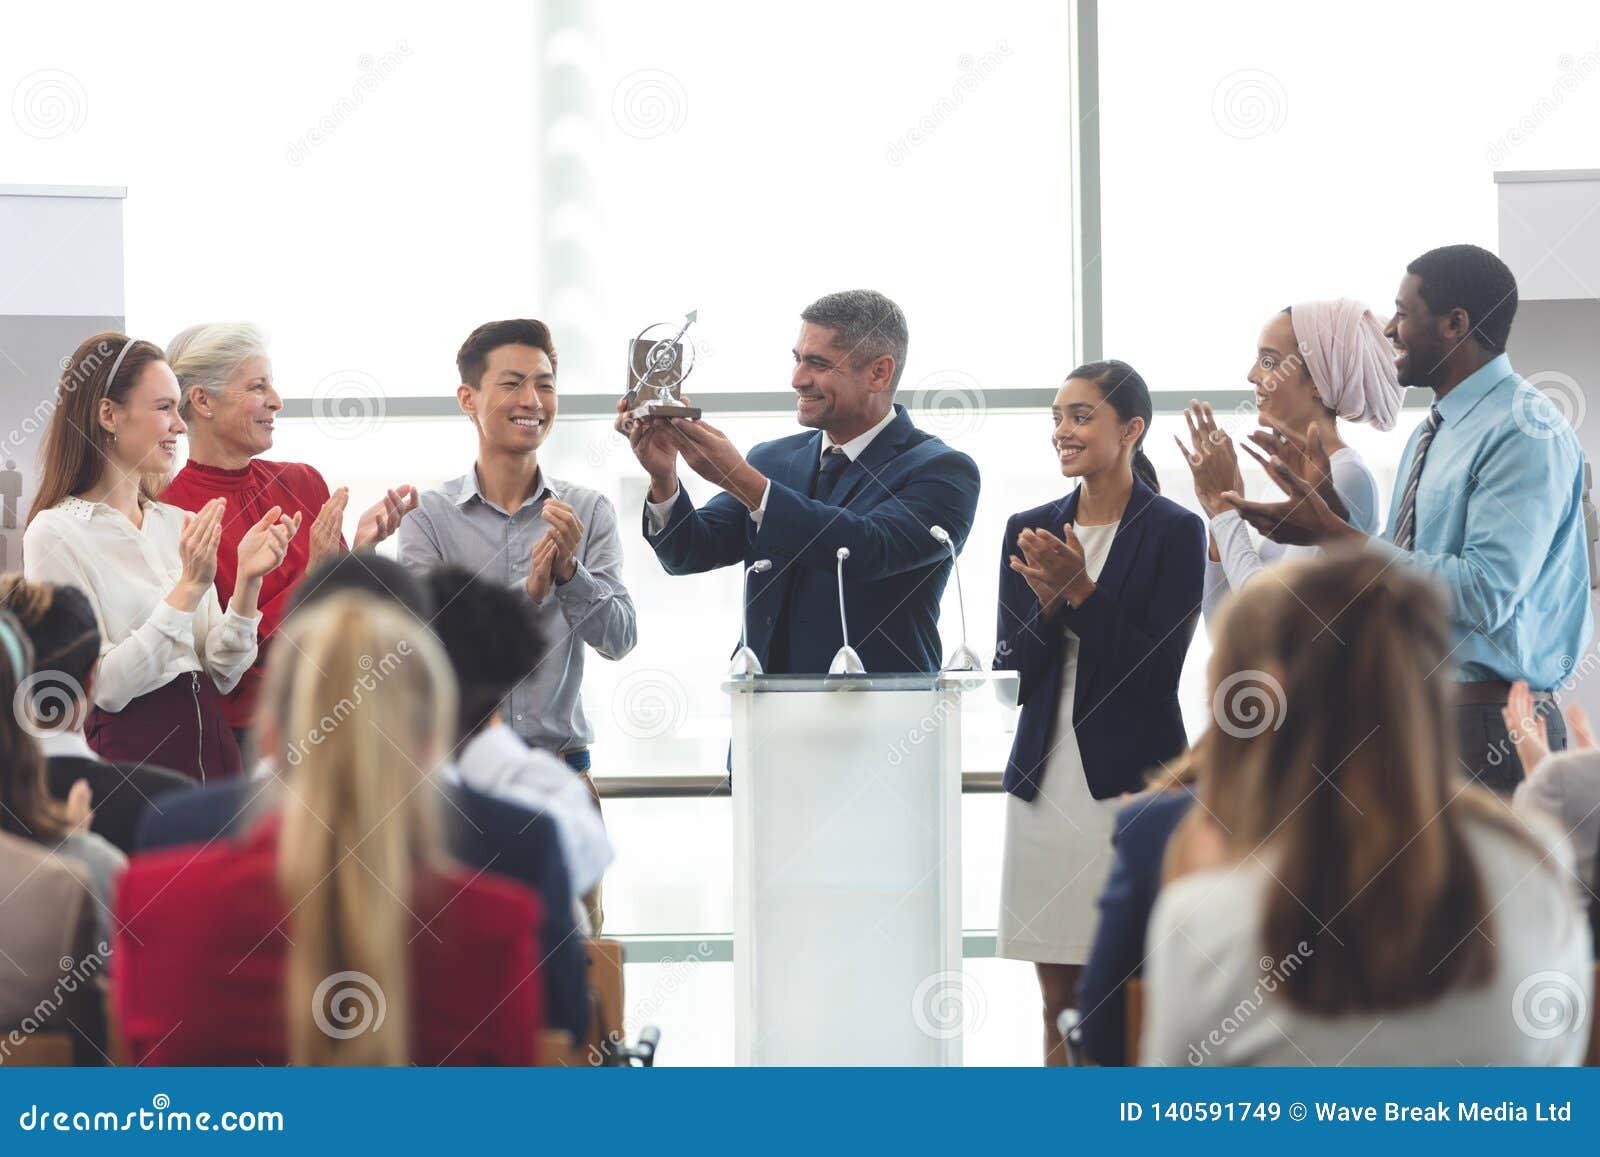 Награда удерживания бизнесмена на подиуме с коллегами в семинаре дела